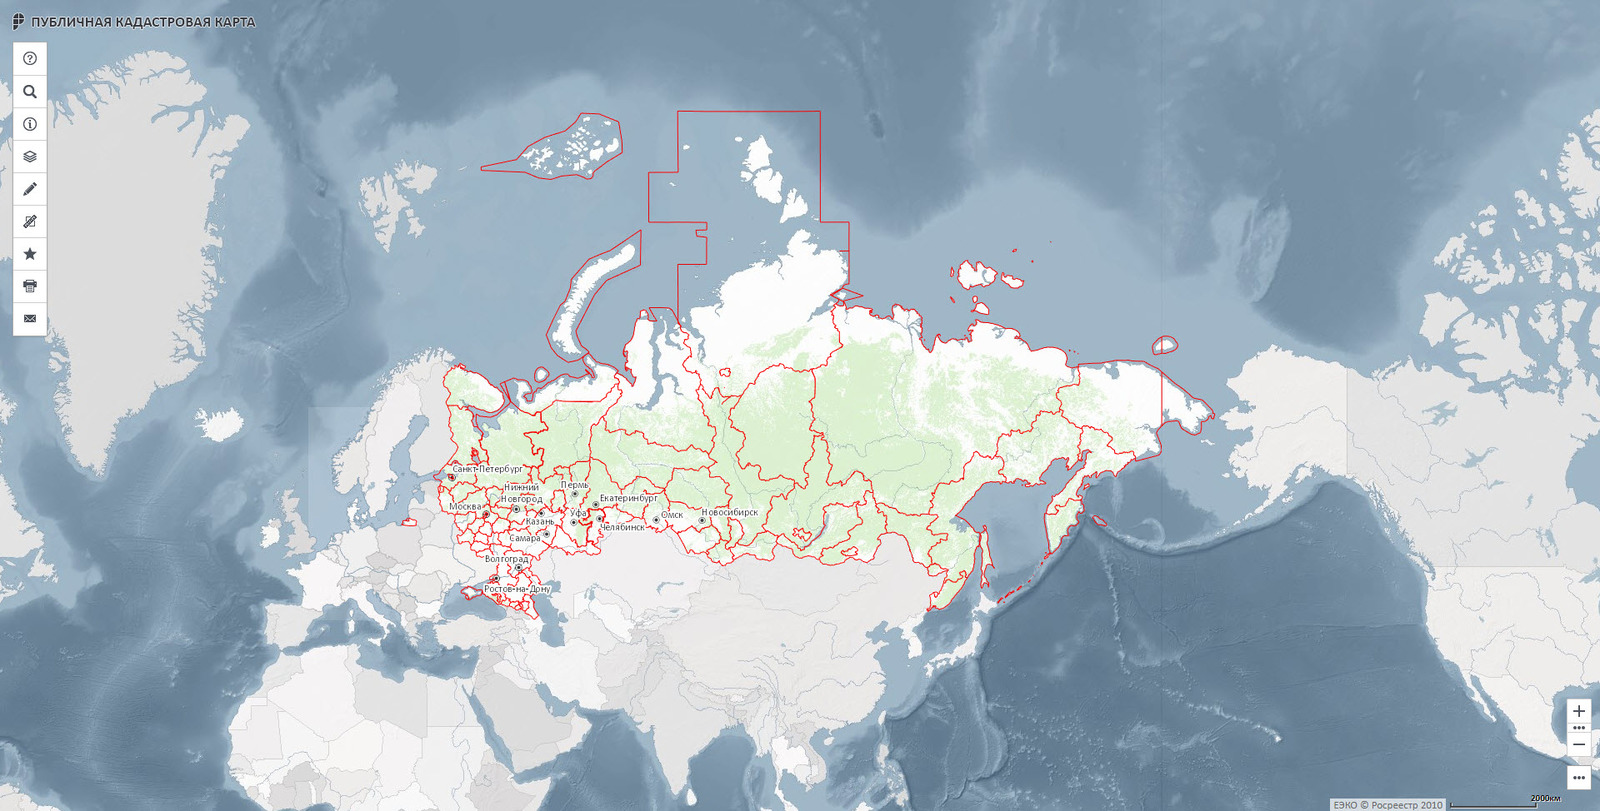 Росреестр предложил признать пространственные данные и геоинформационные системы сквозными цифровыми технологиями